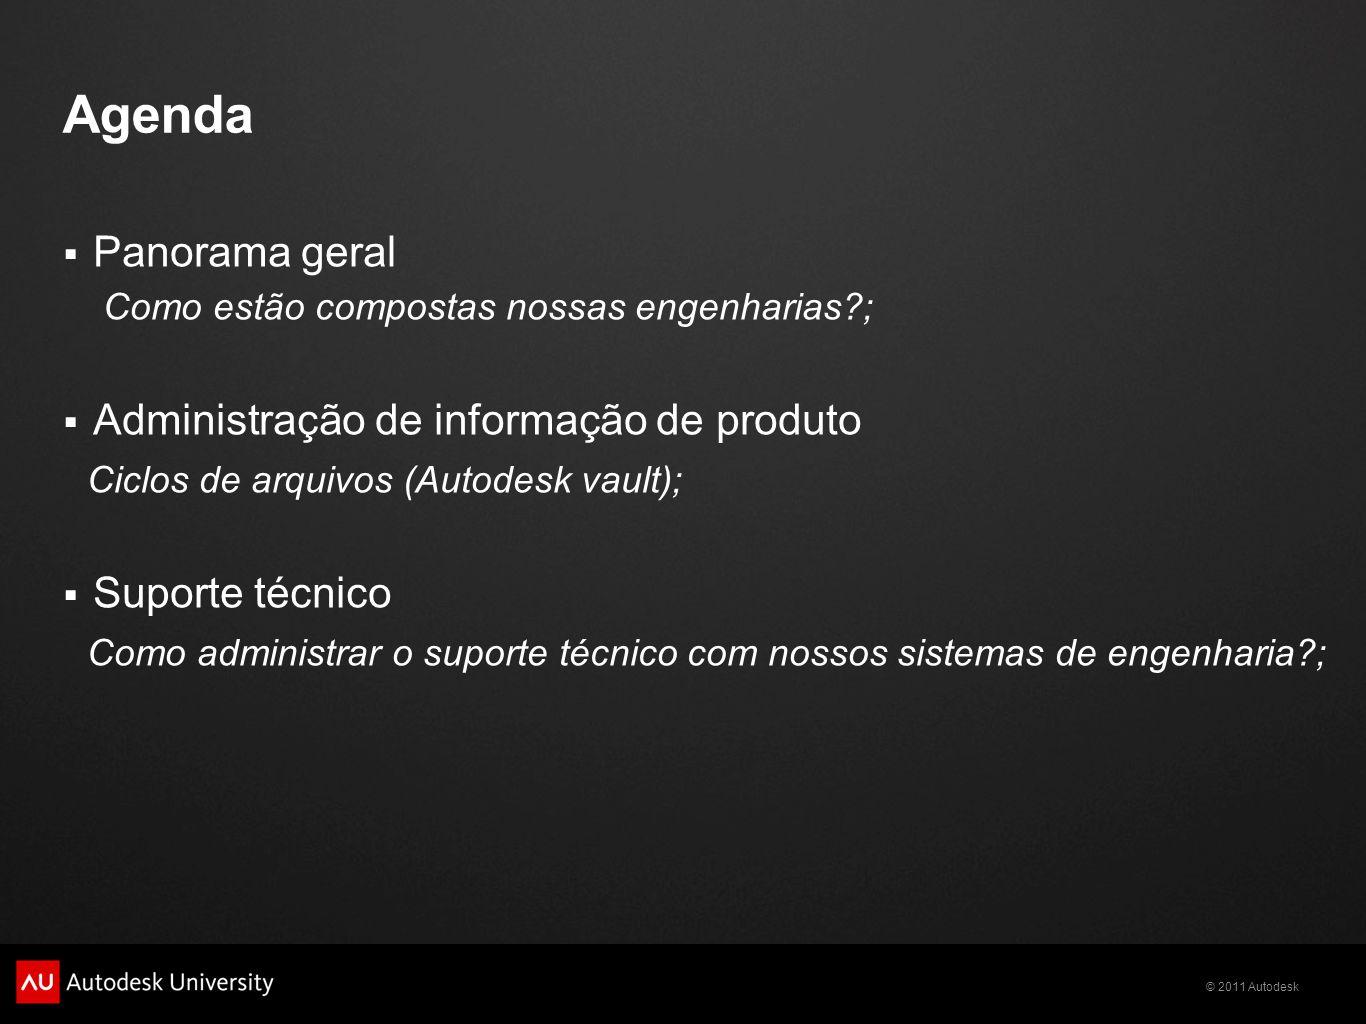 Agenda Panorama geral Administração de informação de produto